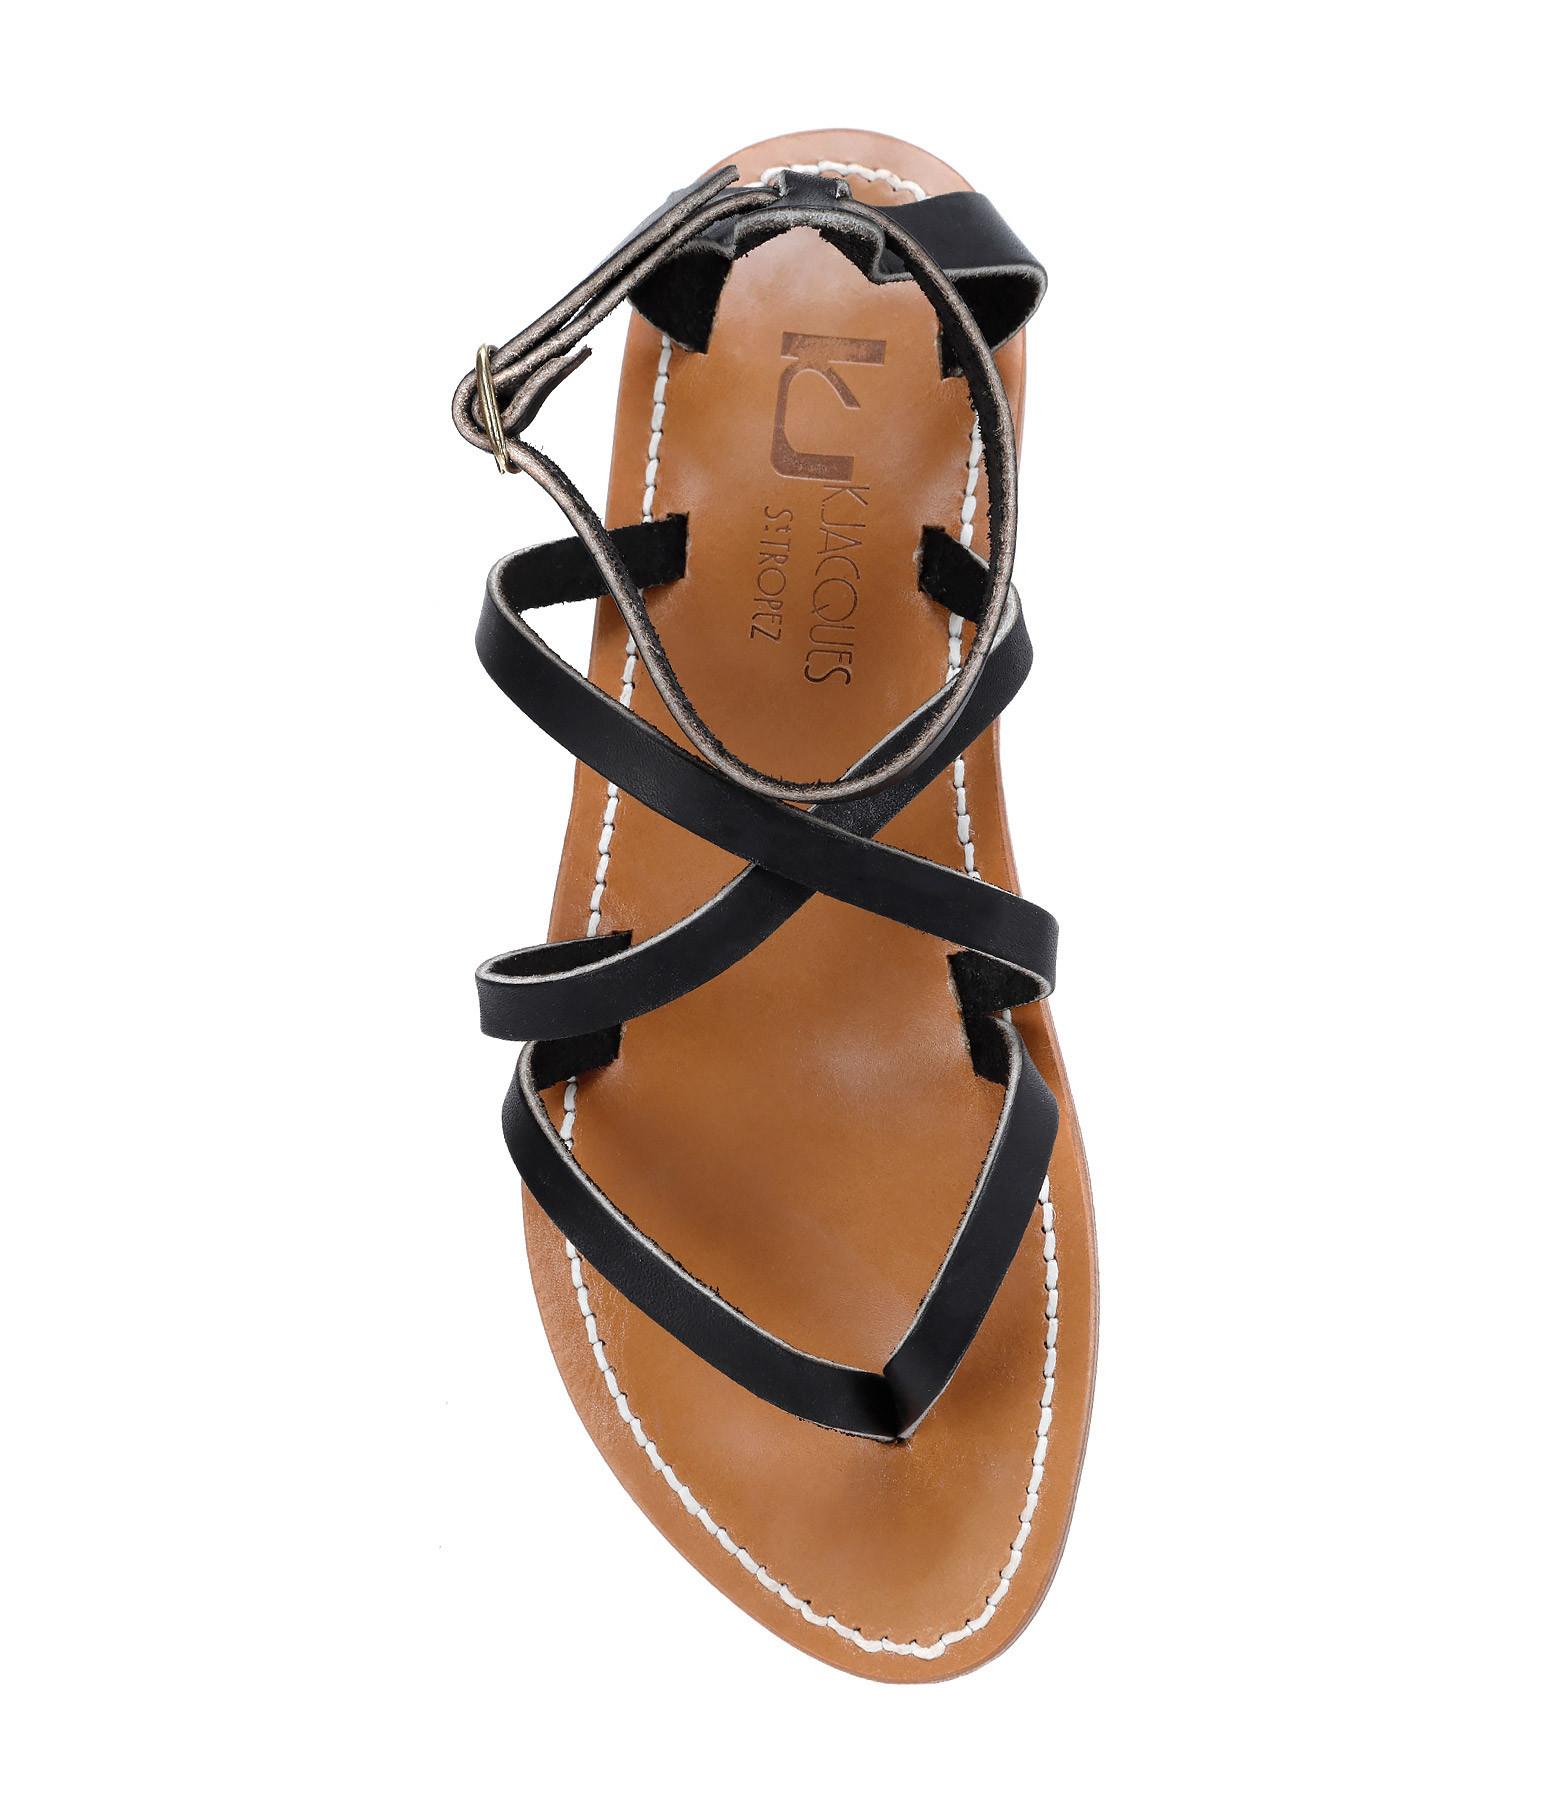 K JACQUES - Sandales Epicure Cuir Pul Noir Bronze